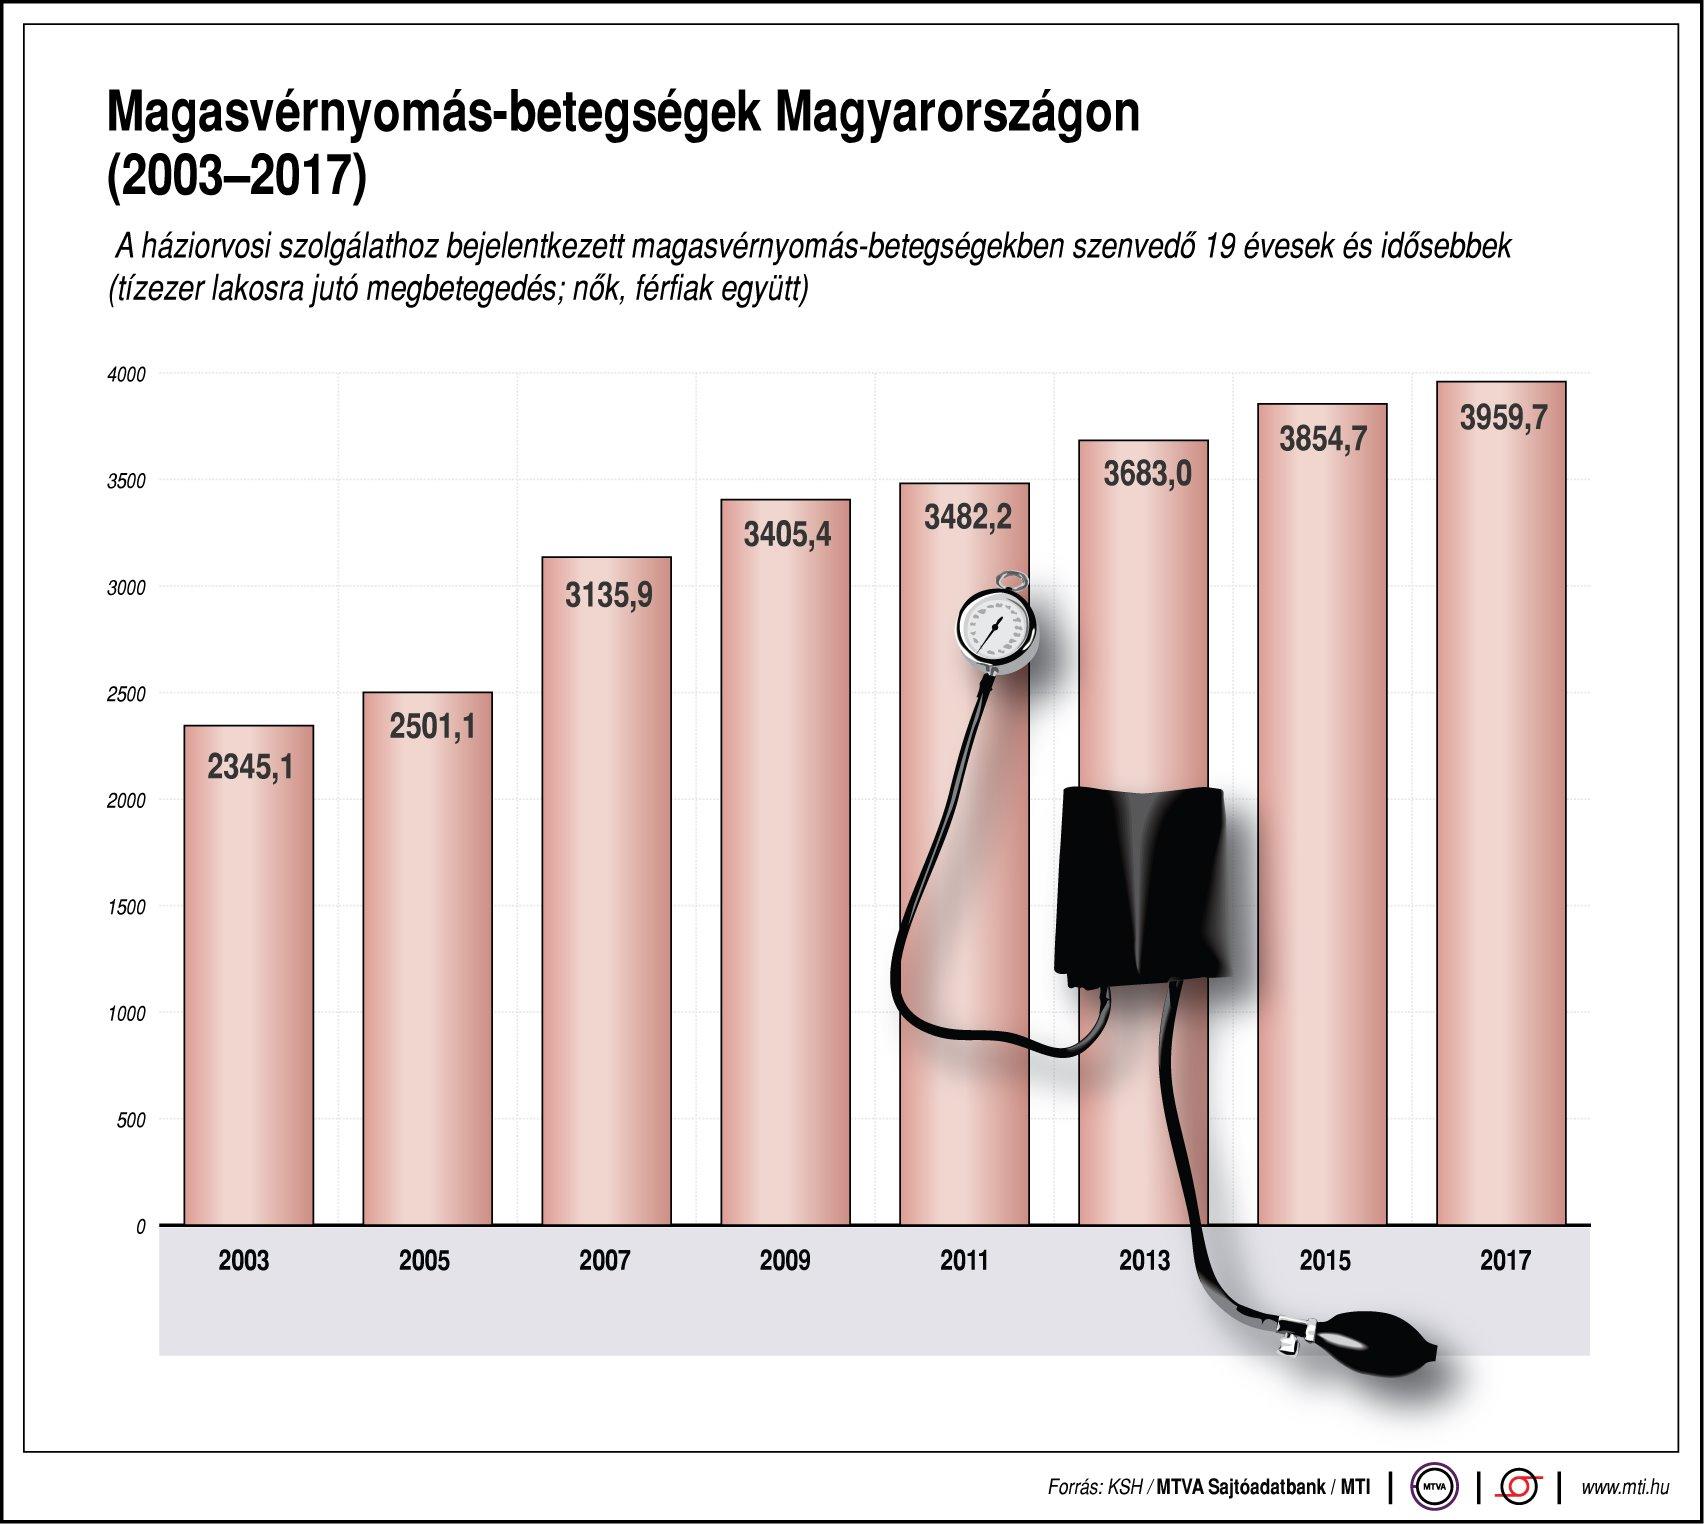 magas vérnyomás megelőzési program szolgáltatás magas vérnyomásban szenvedő szervekben